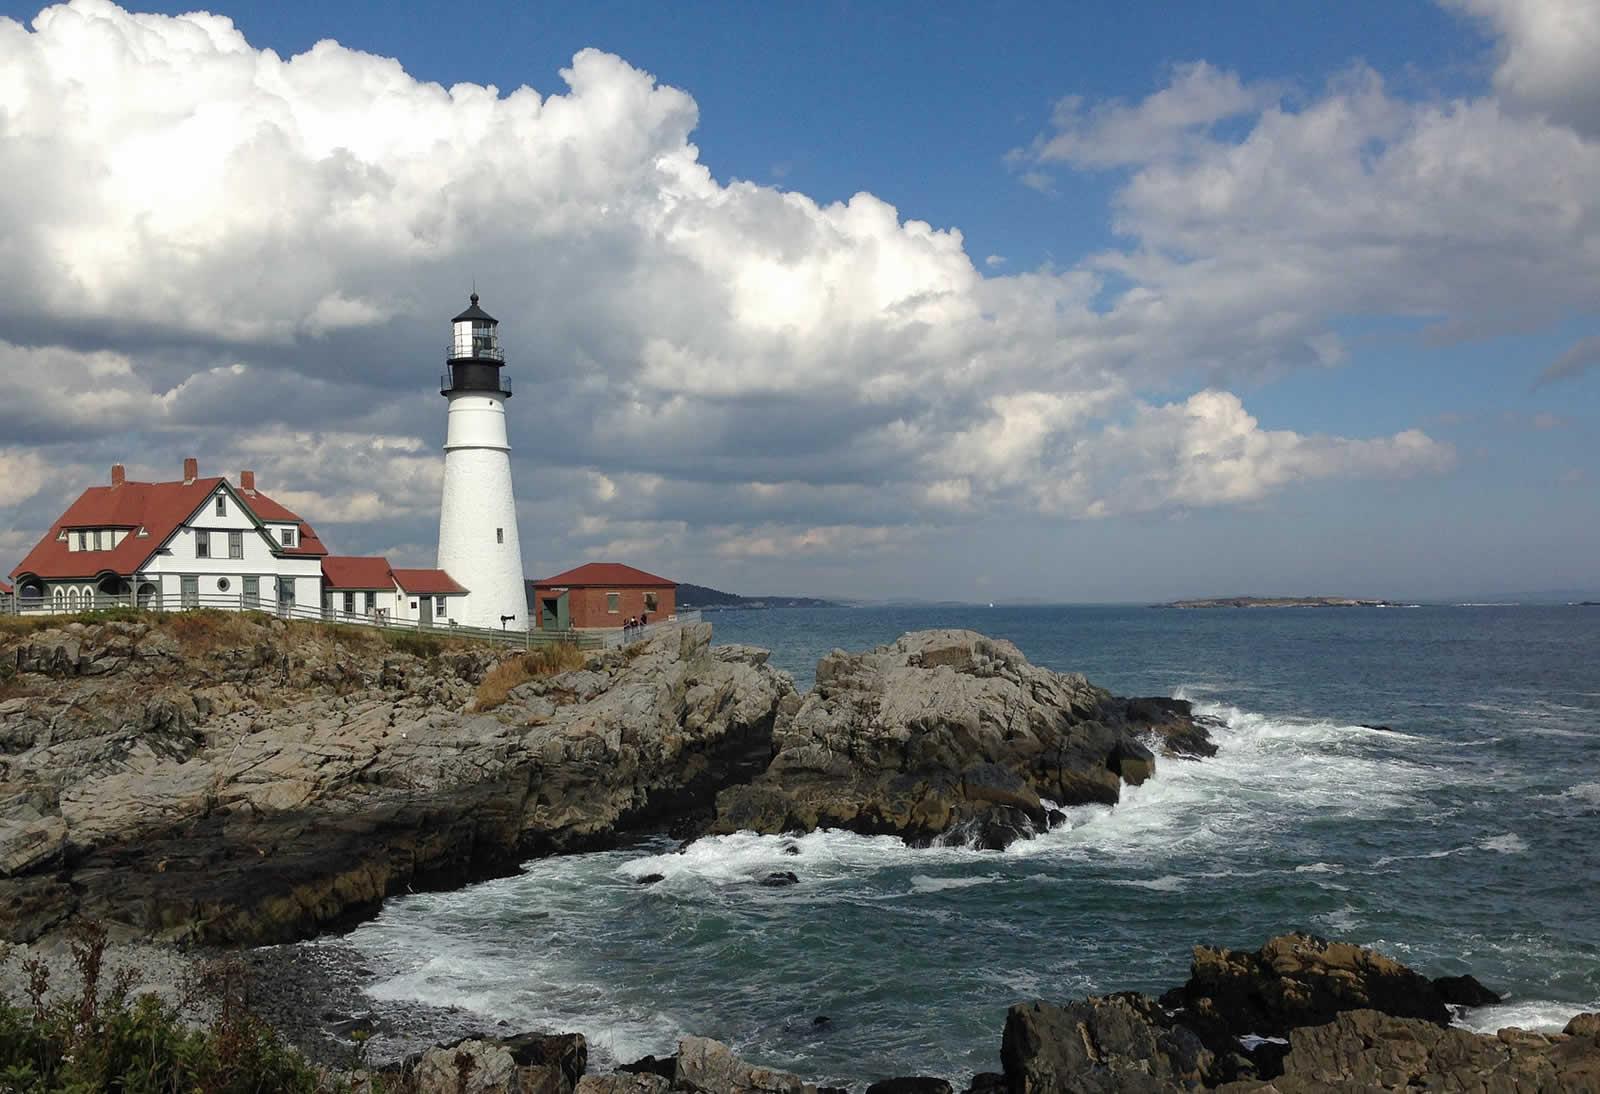 Le long de la côte de la Nouvelle-Angleterre